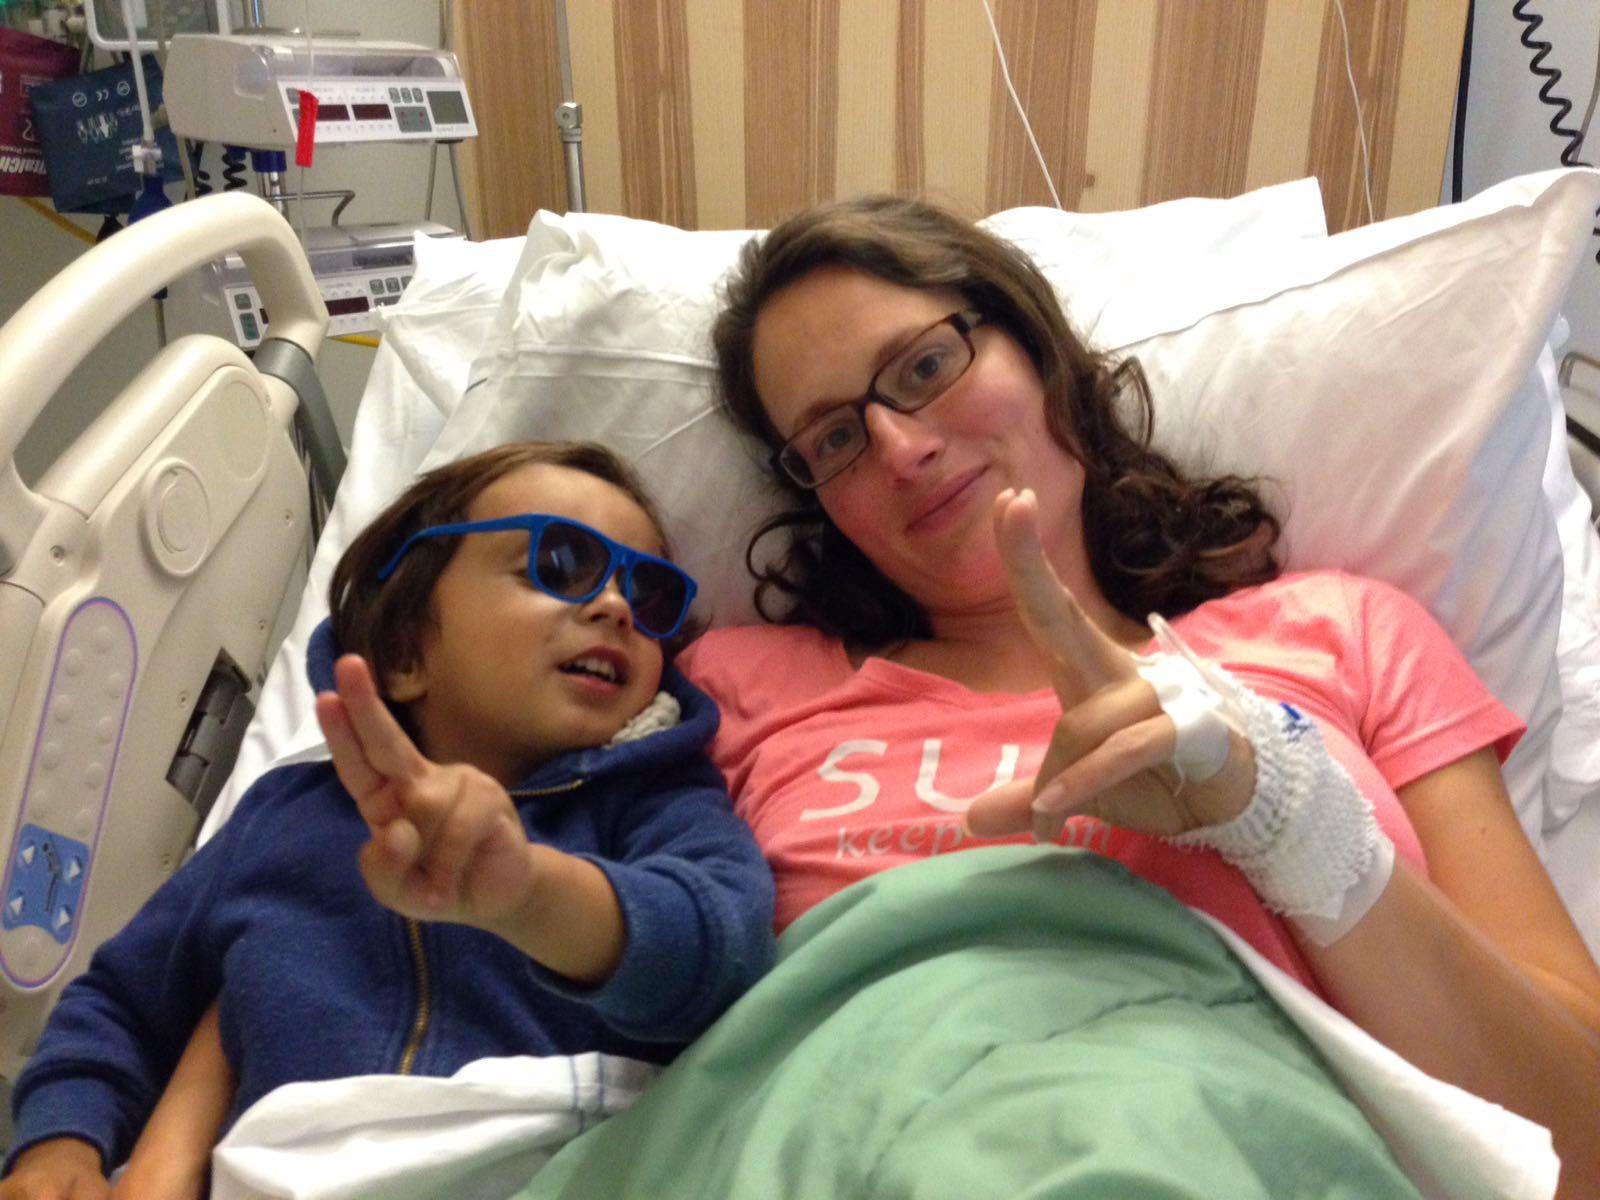 ziekenhuisopname dreigende vroeggeboorte 32 weken weeënactiviteit spontane weeën